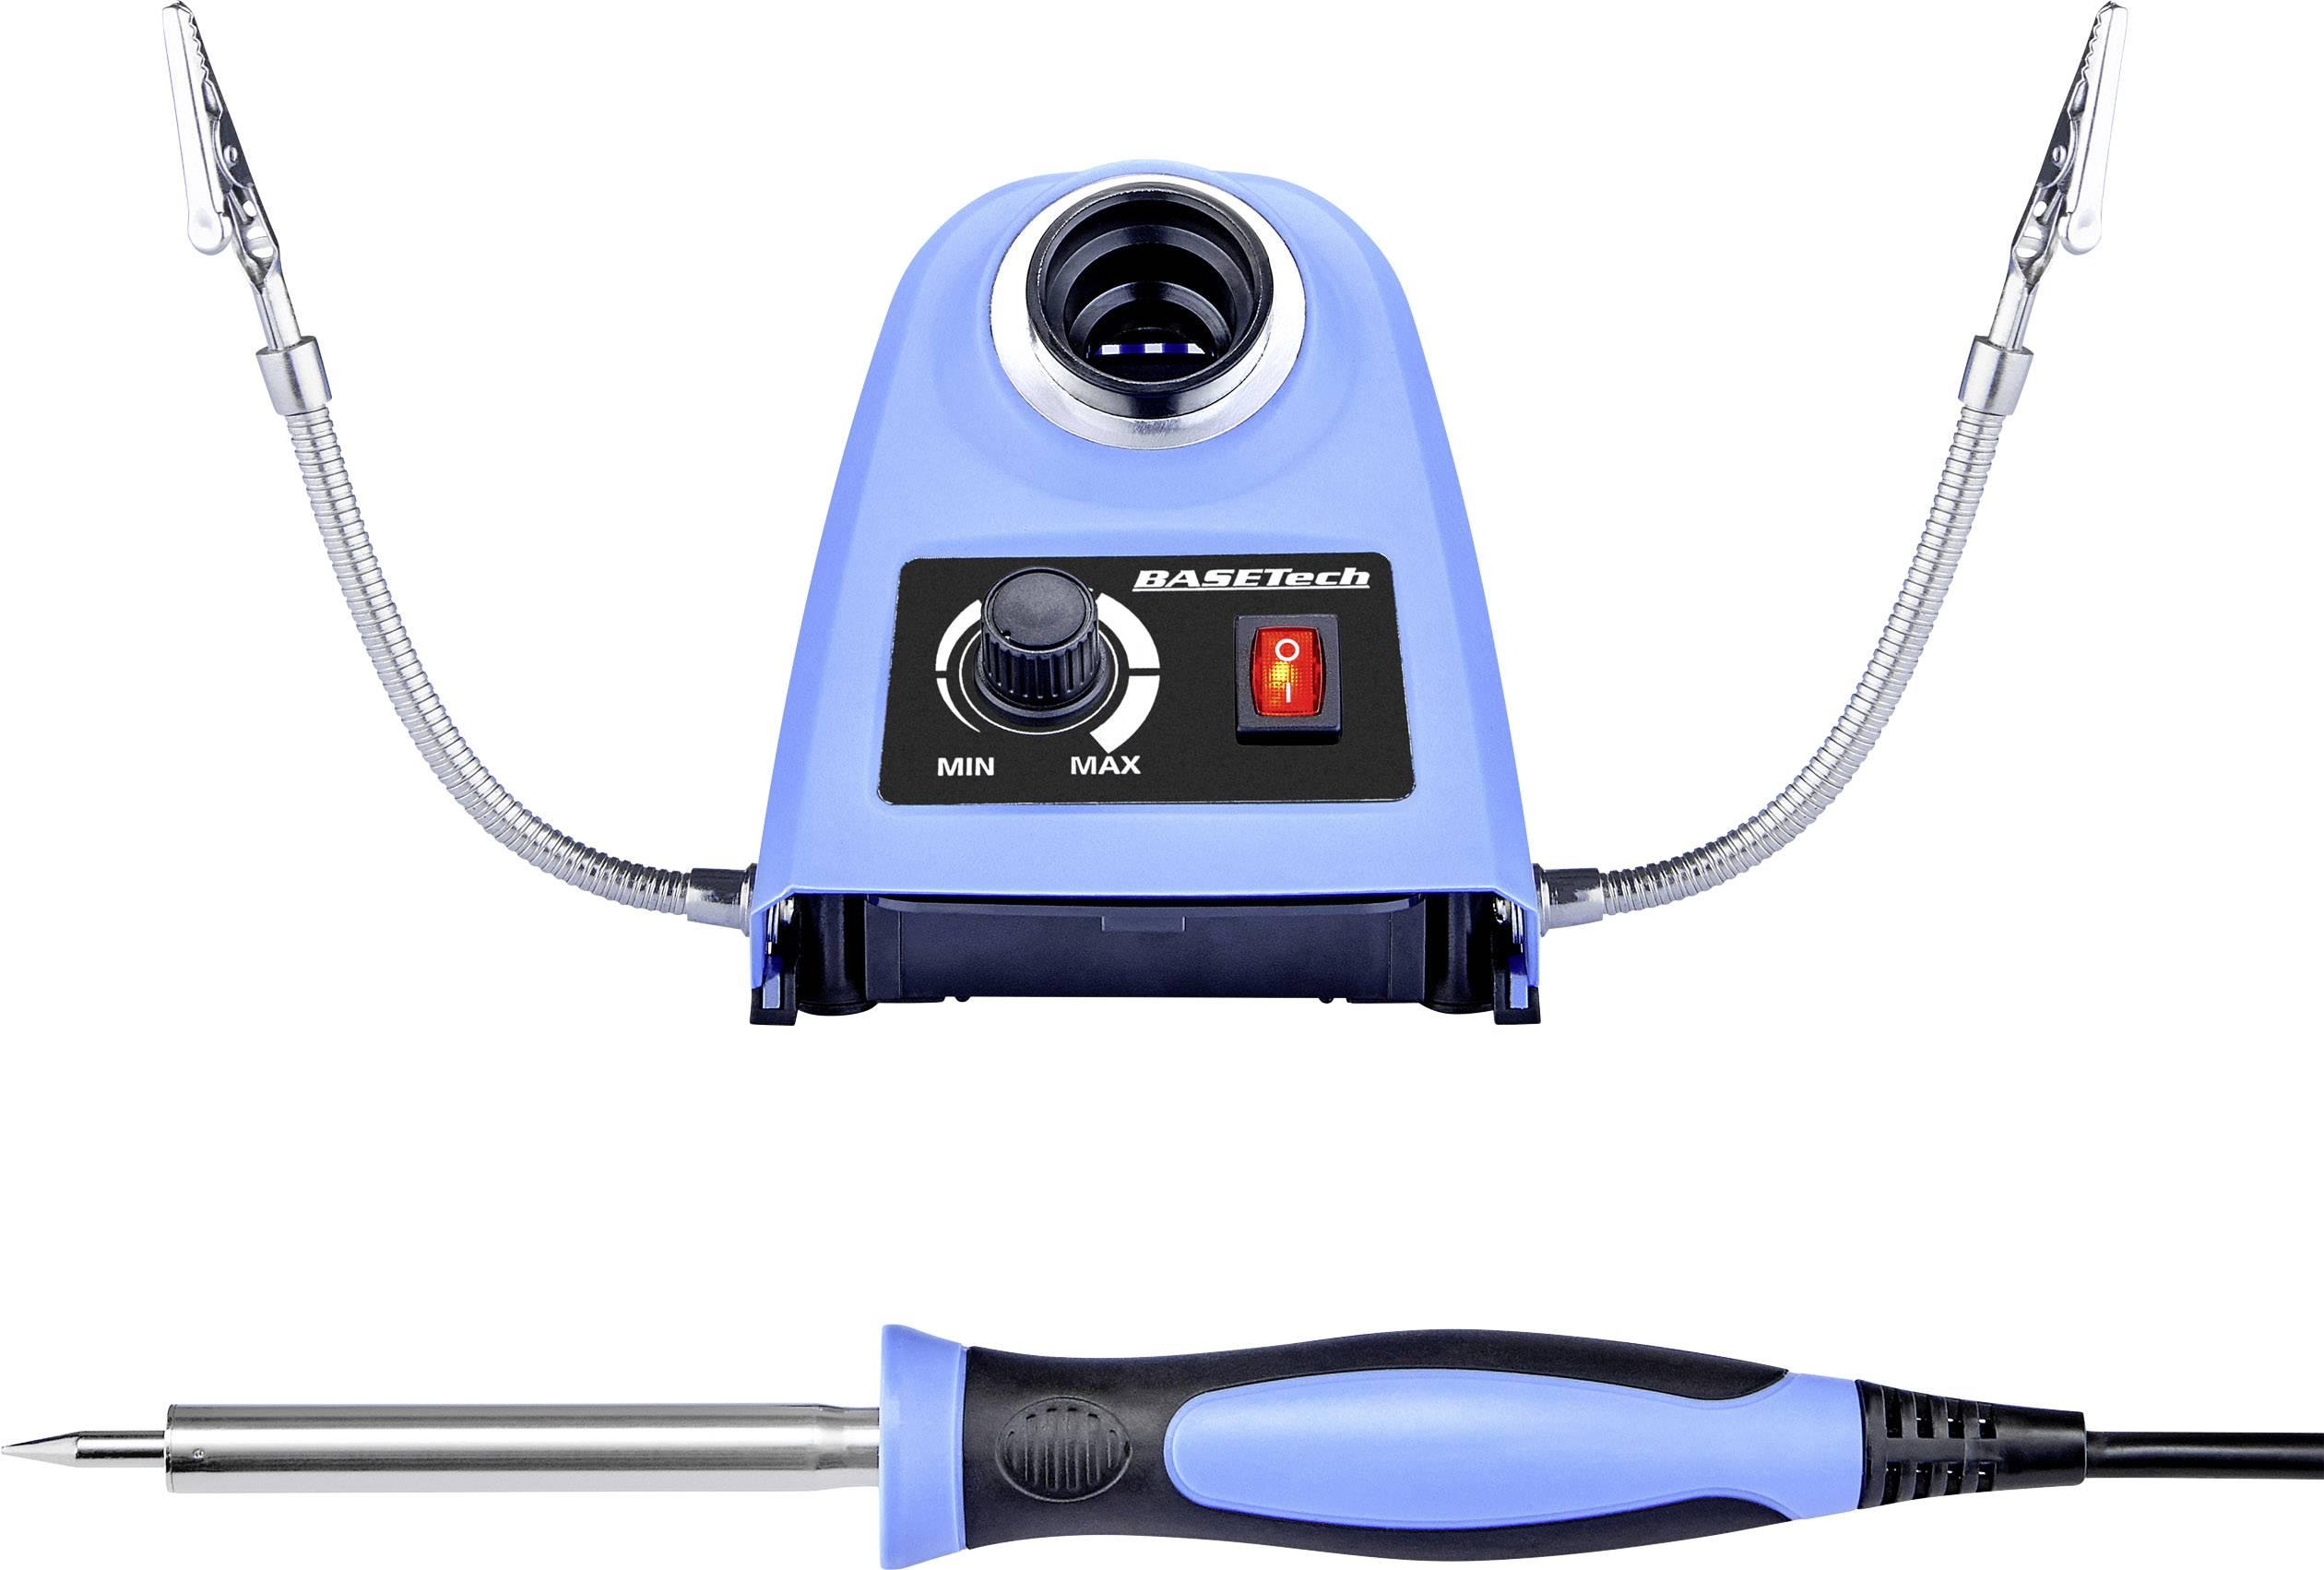 Spájkovacia stanica Basetech analógový, 40 W, 150 do 420 °C